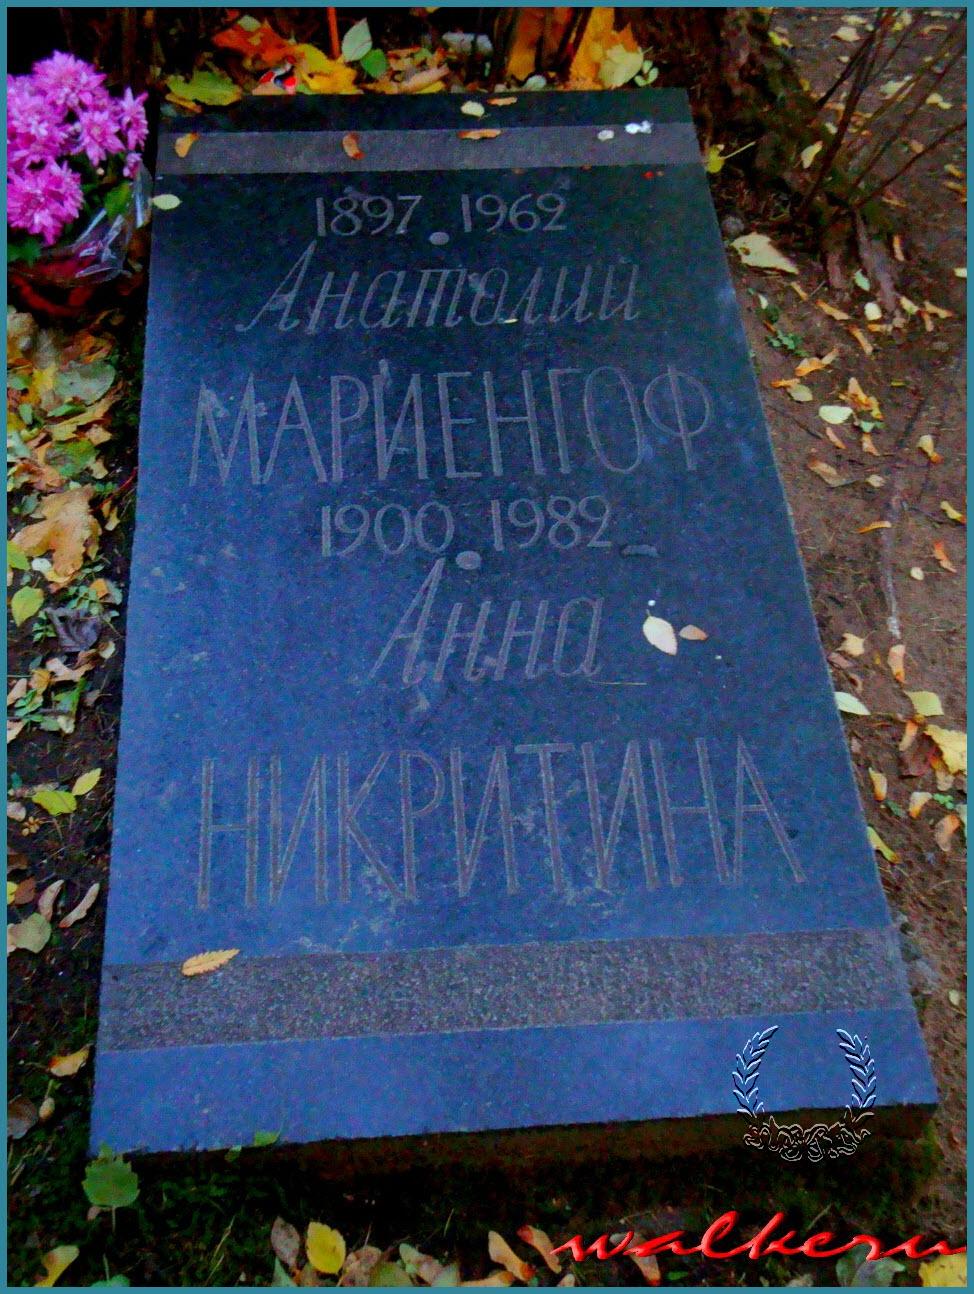 Могила Никритиной А.Б. и Мариенгофа А.Б. на Богословском кладбище